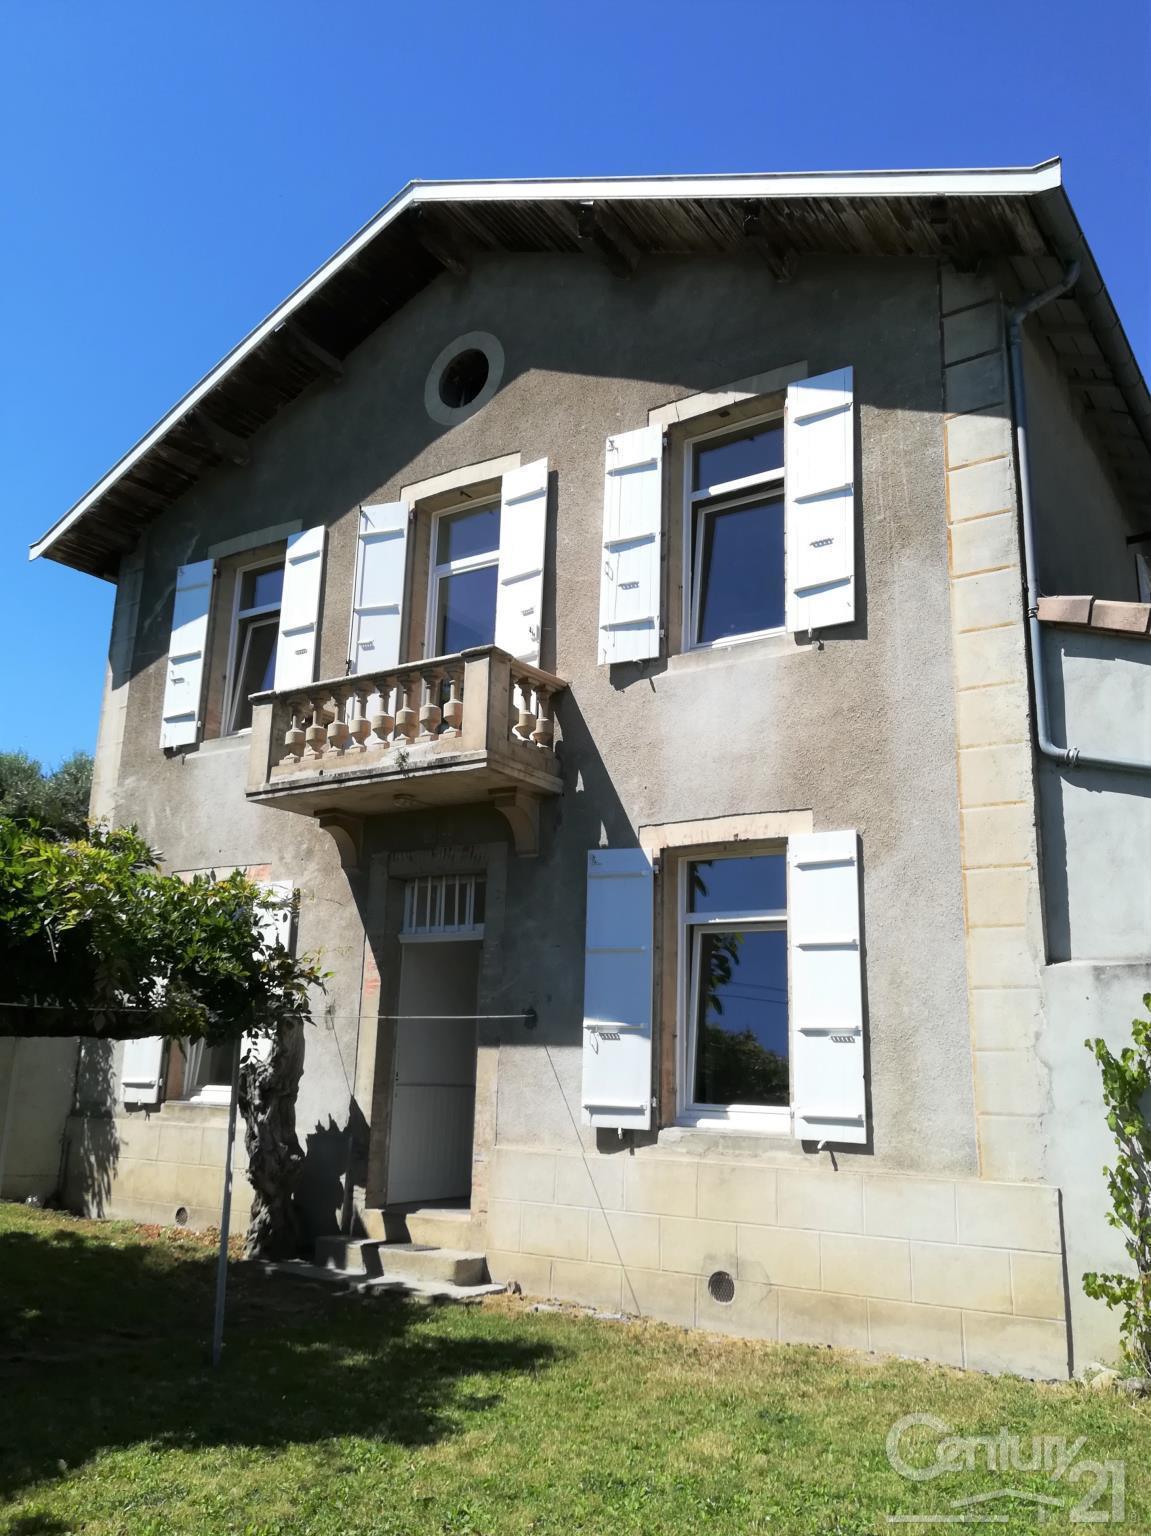 Annonce location maison pamiers 09100 136 m 745 for Annonces location maison